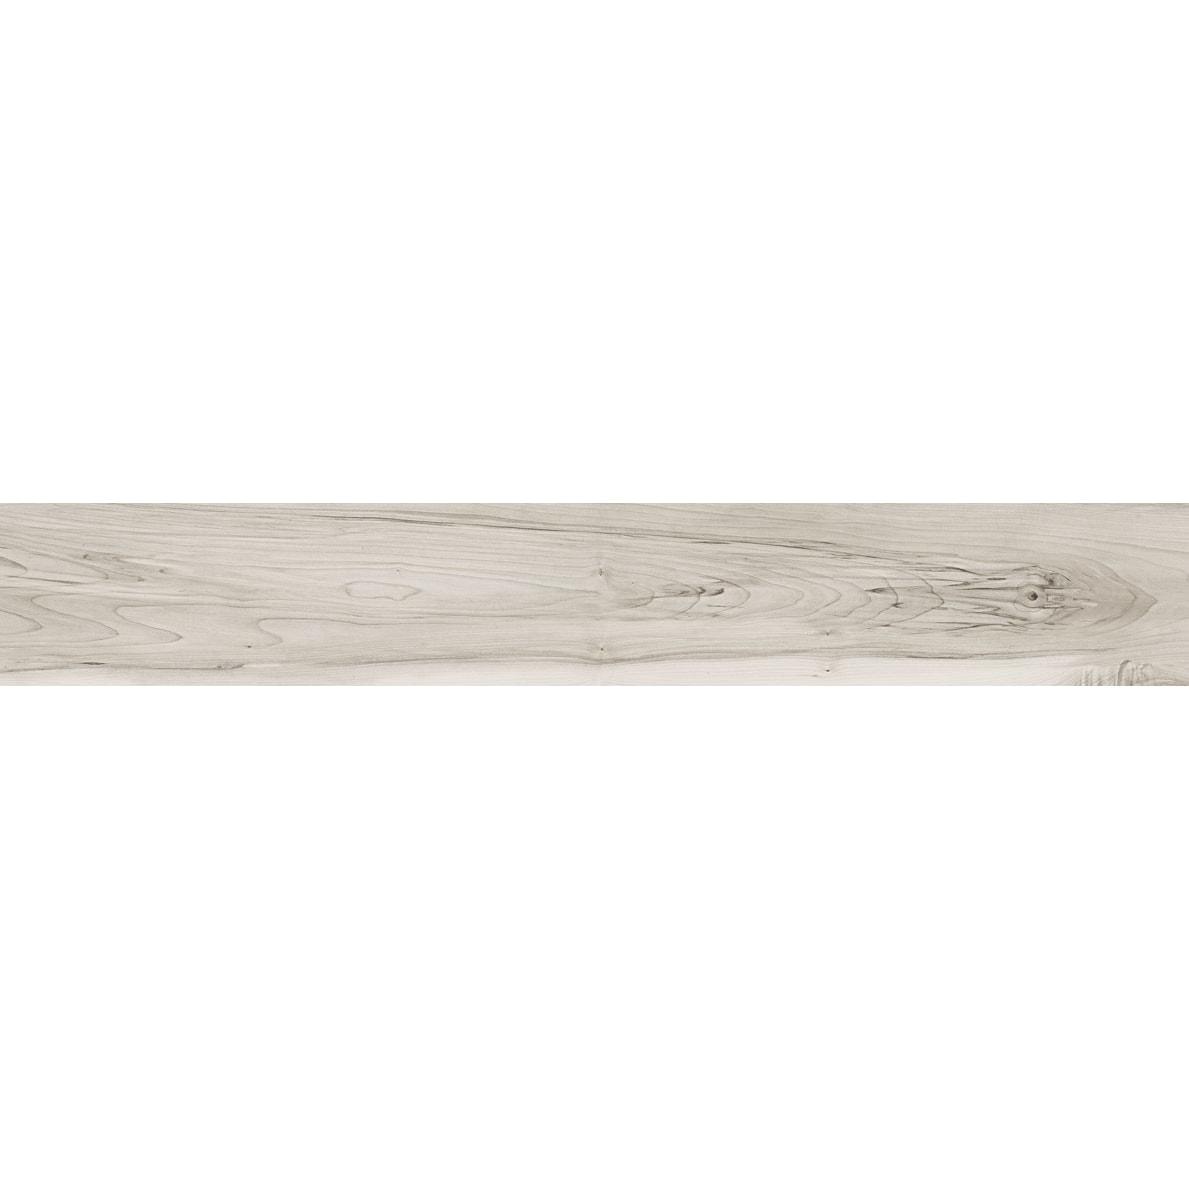 Płytka podłogowa deskopodobna Tubądzin Wood Land grey 149,8x23 cm